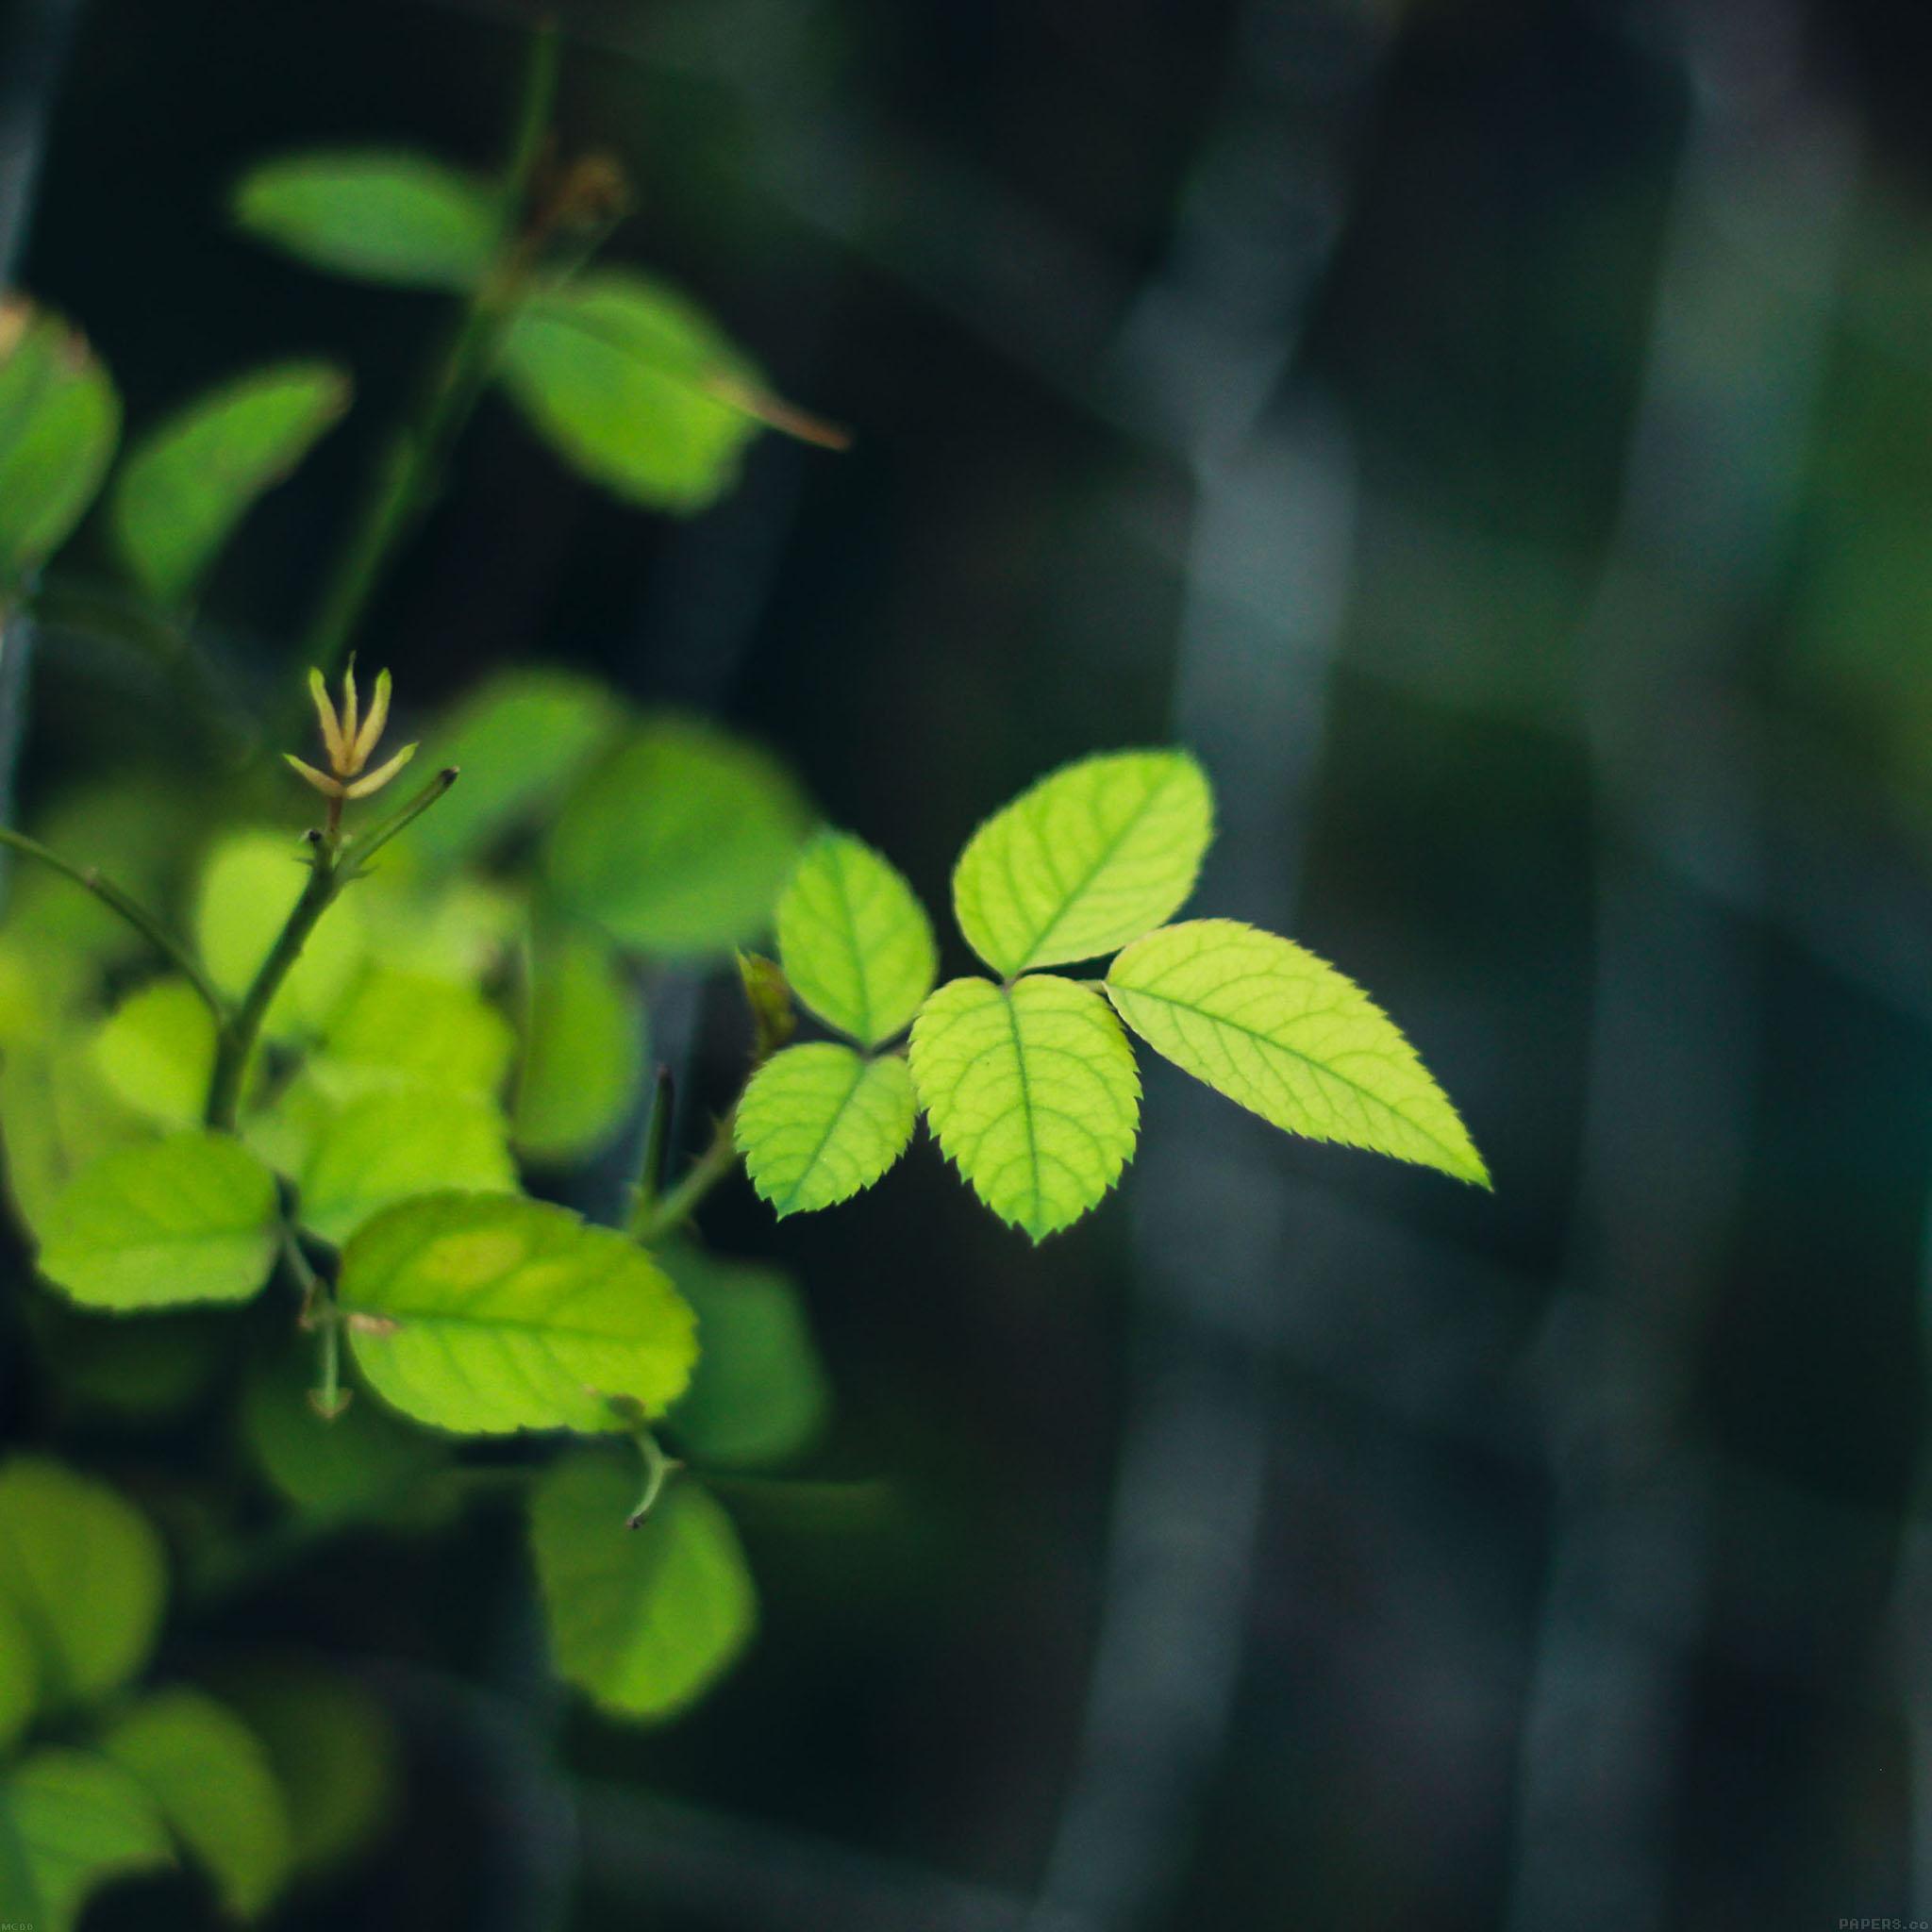 Mc00-wallpaper-greenish-flower-leaf